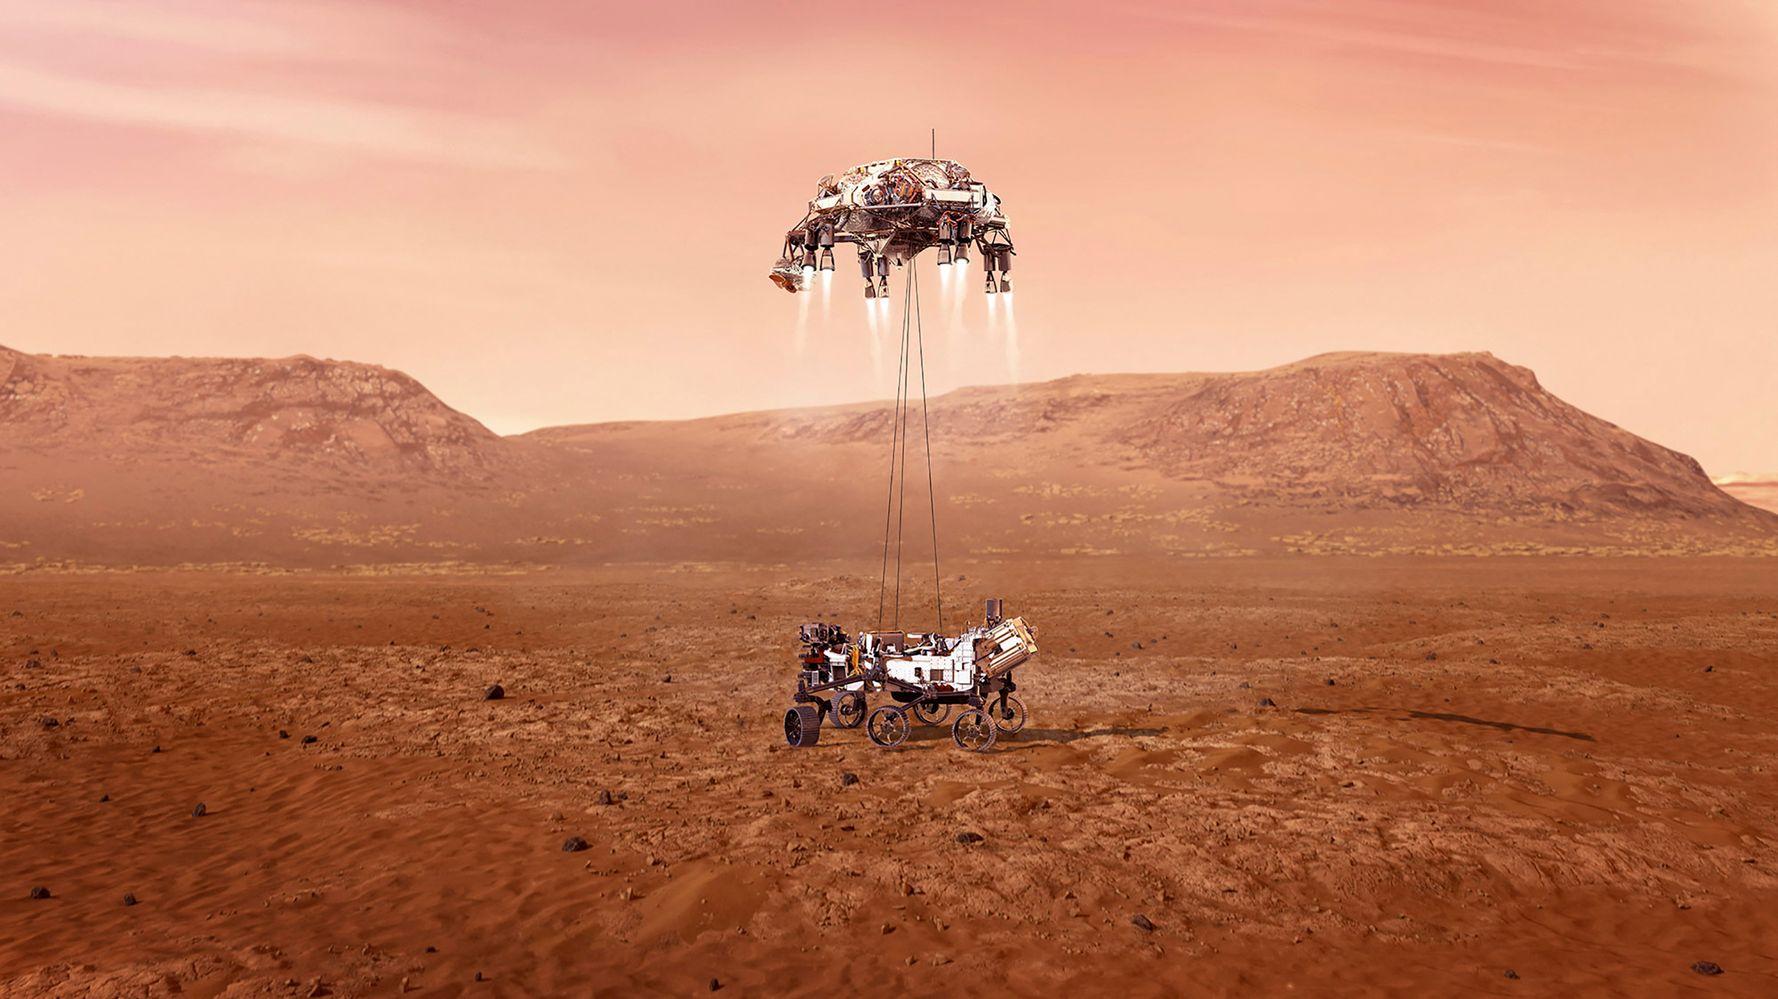 Atterrissage de Perseverance sur Mars réussi, voici les images